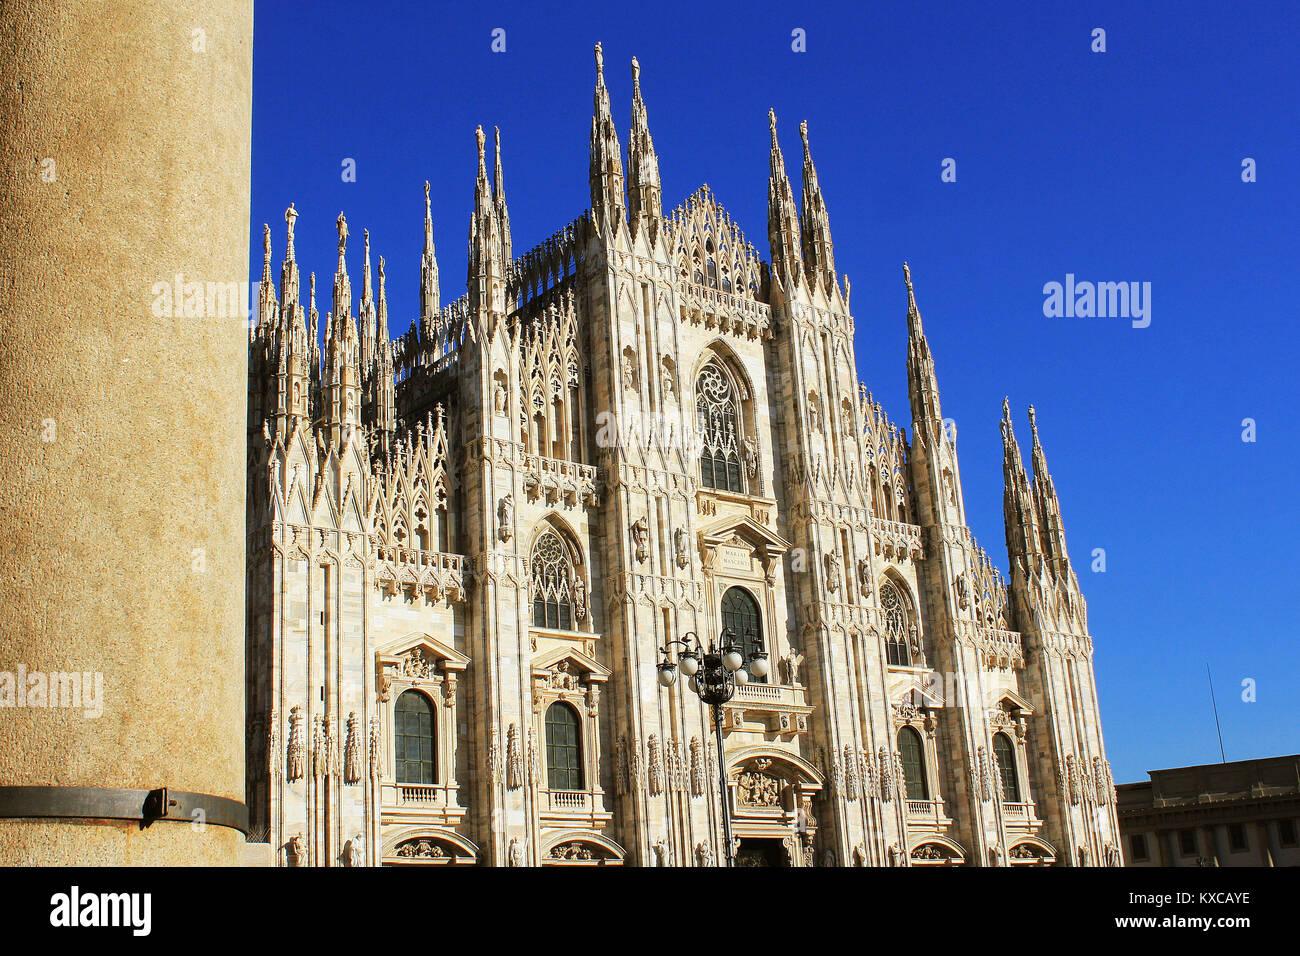 Il Duomo di Milano o il Duomo di Milano è la cattedrale gotica Chiesa di Milano, Italia Immagini Stock